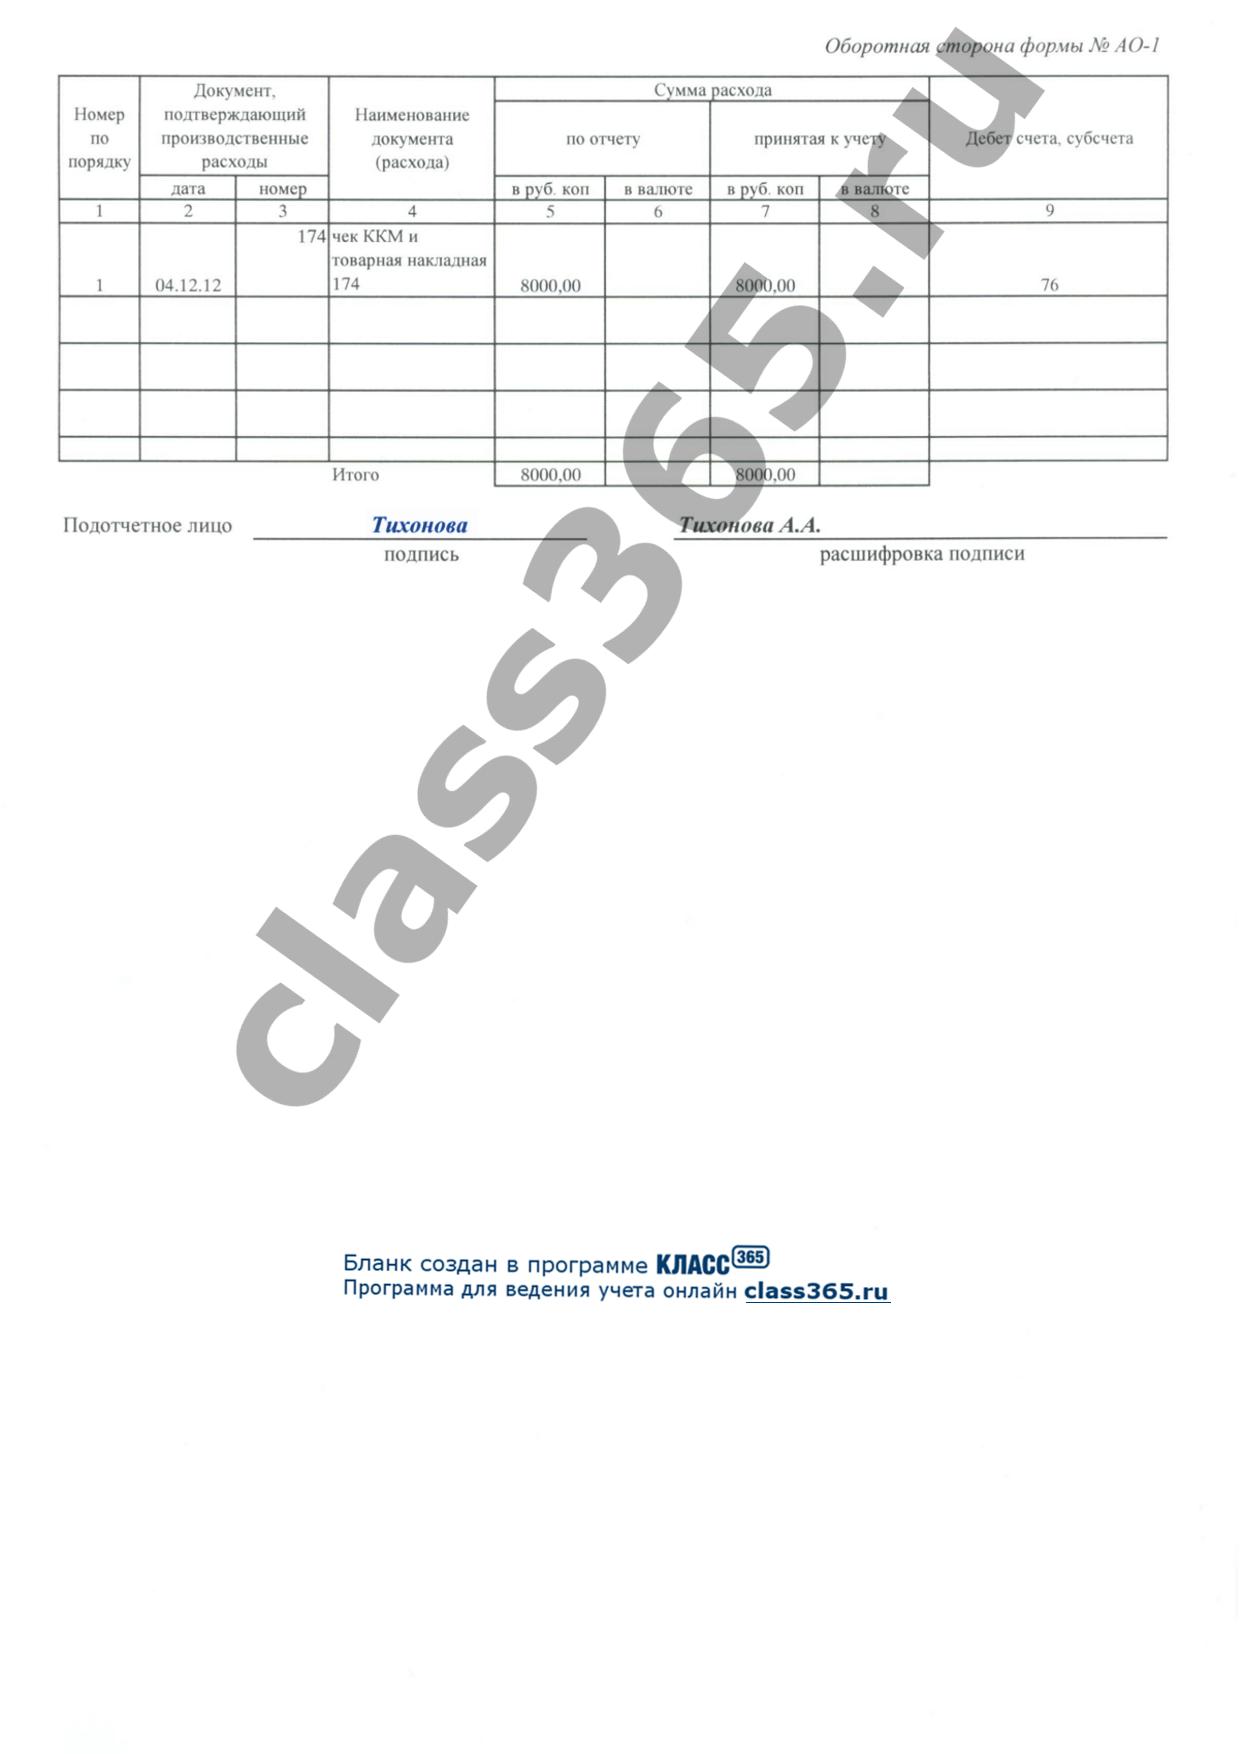 0504505 Авансовый Отчет Бланк